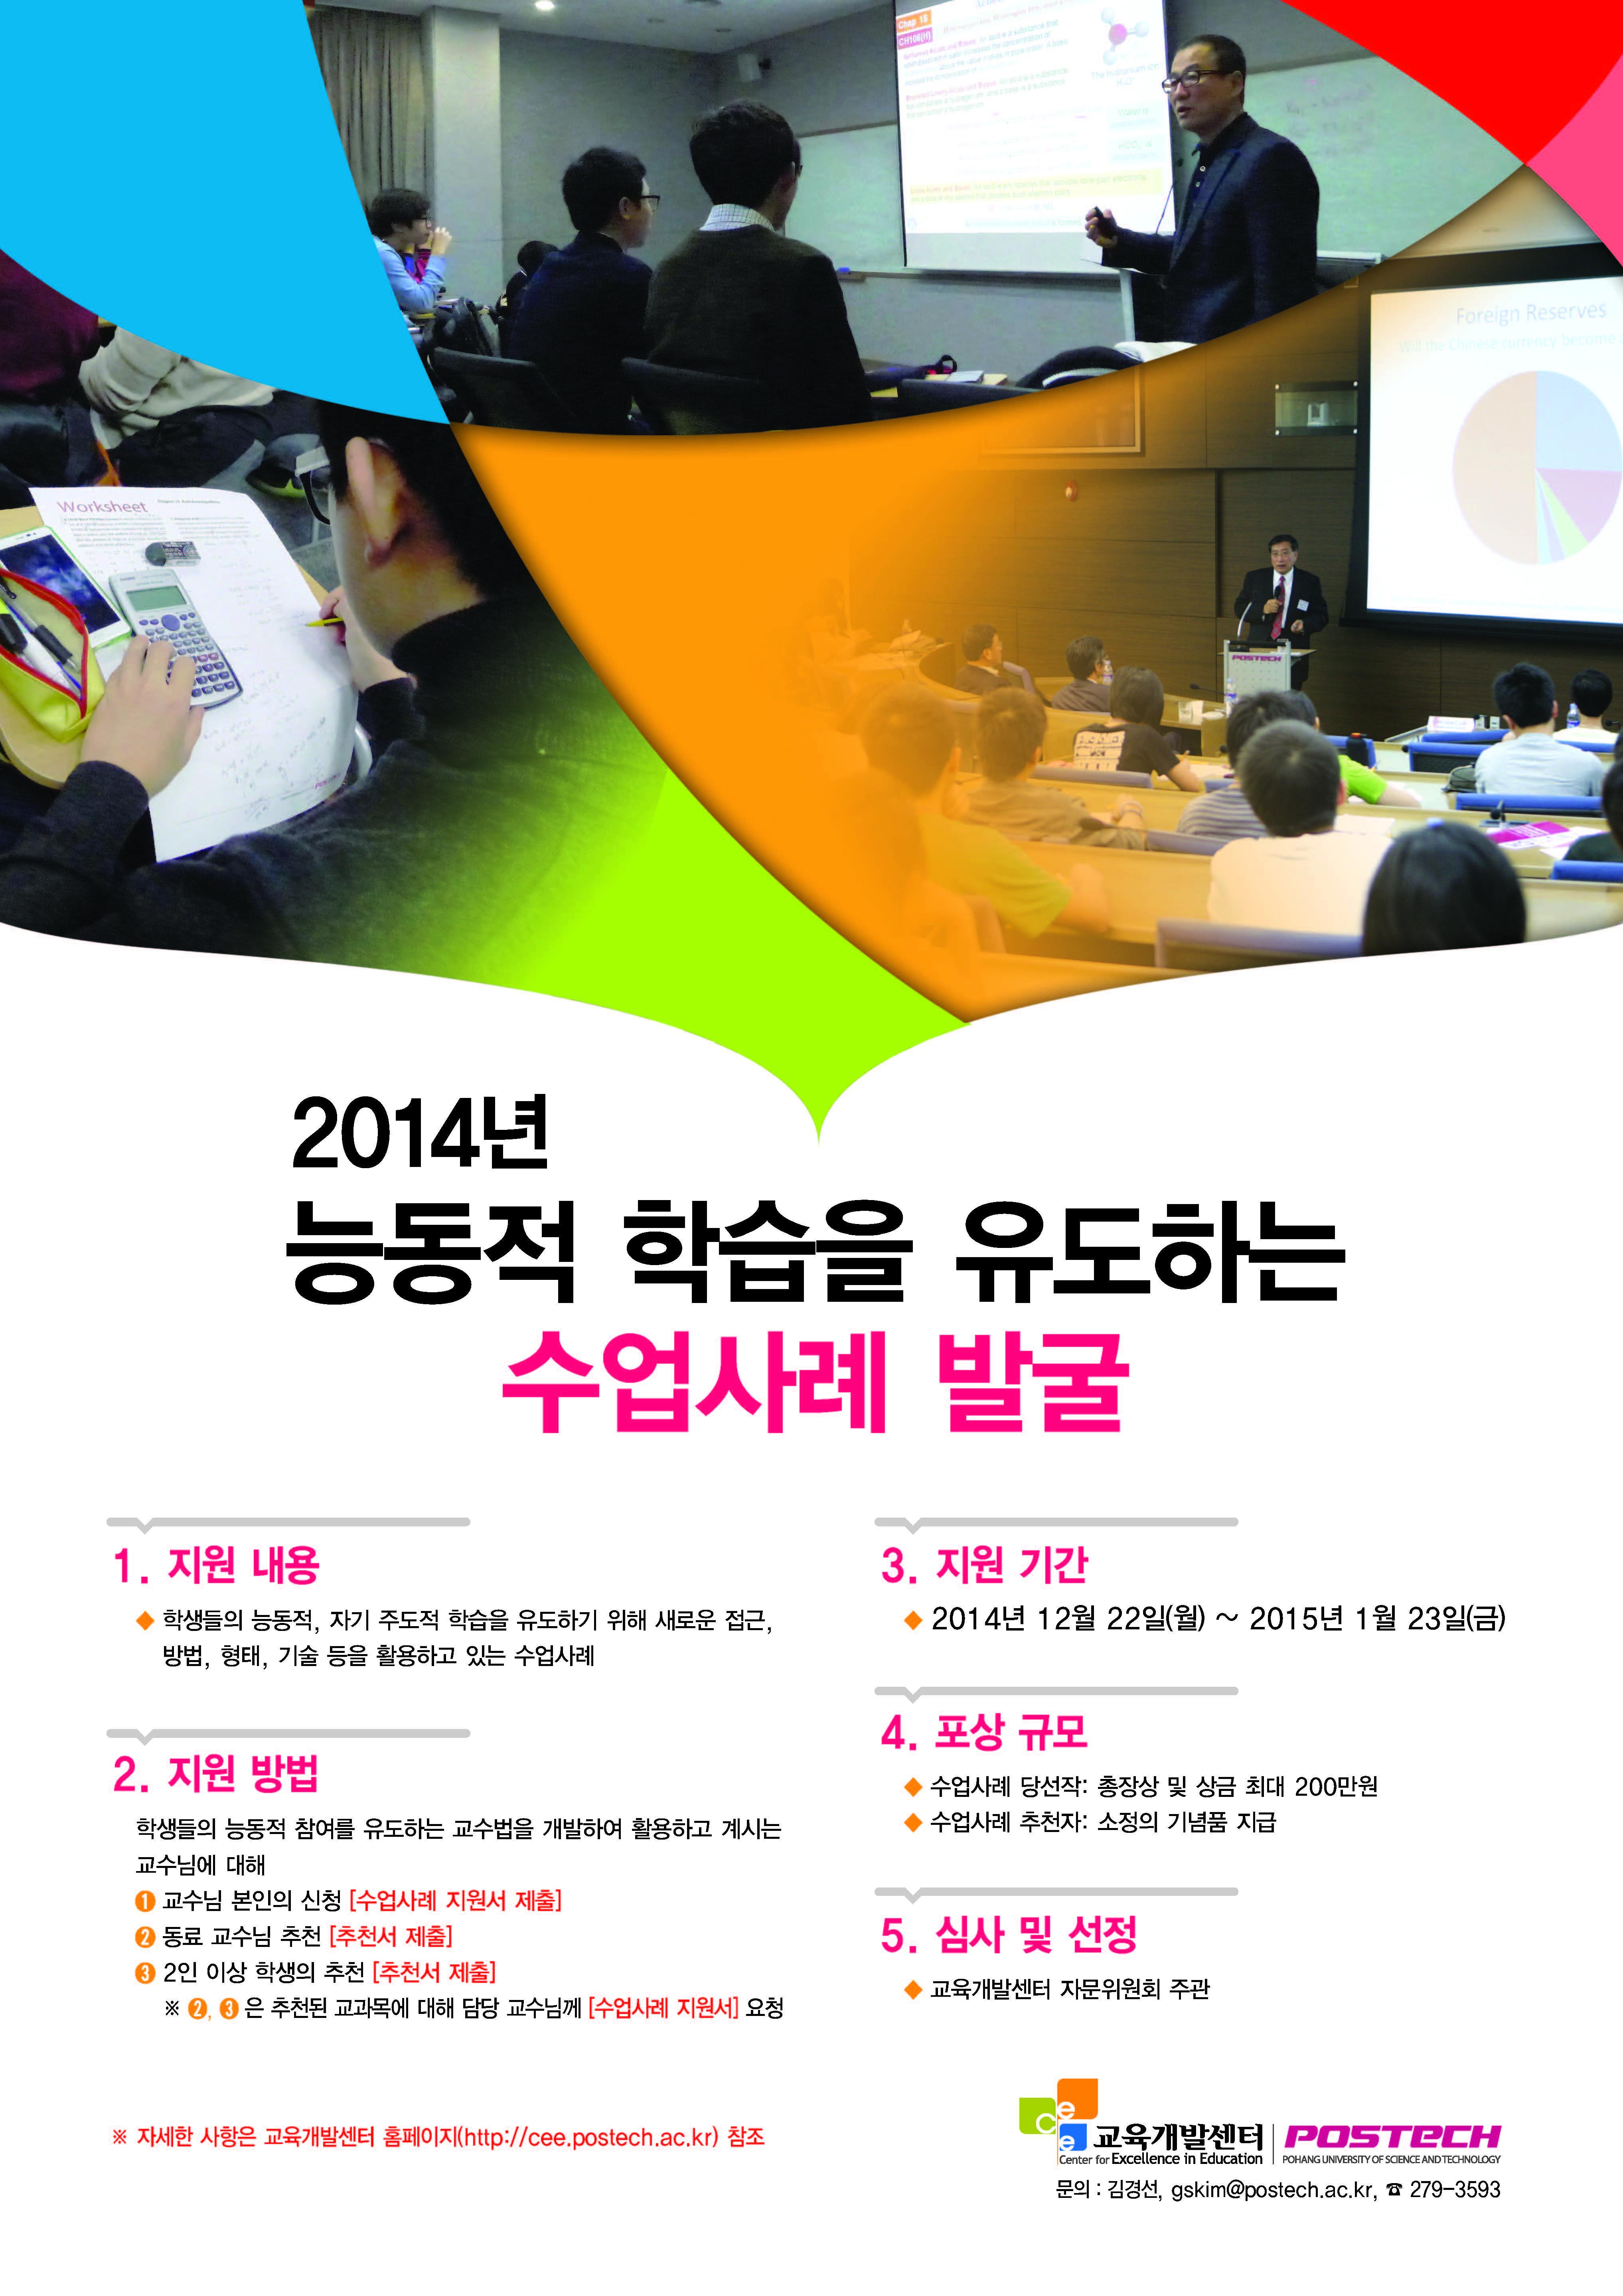 2014+능동적+학습을+유도하는+수업사례+발굴+포스터